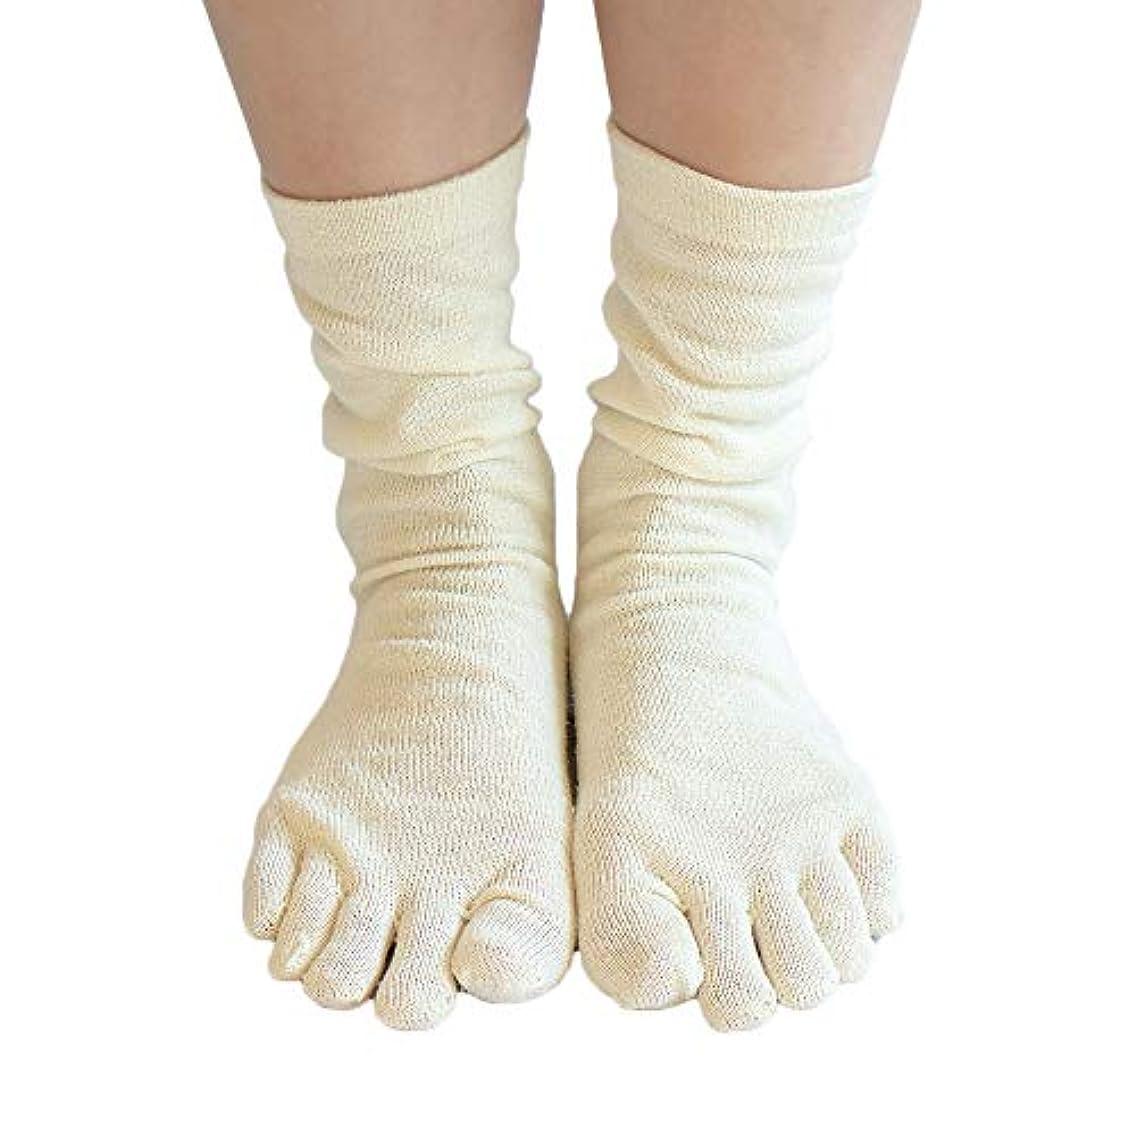 解体するエンゲージメント教えシルク 100% 五本指 ソックス 3足セット かかとあり 上質な絹紡糸と紬糸ブレンドした絹糸を100%使用した薄手靴下 重ね履きのインナーソックスや冷えとりに